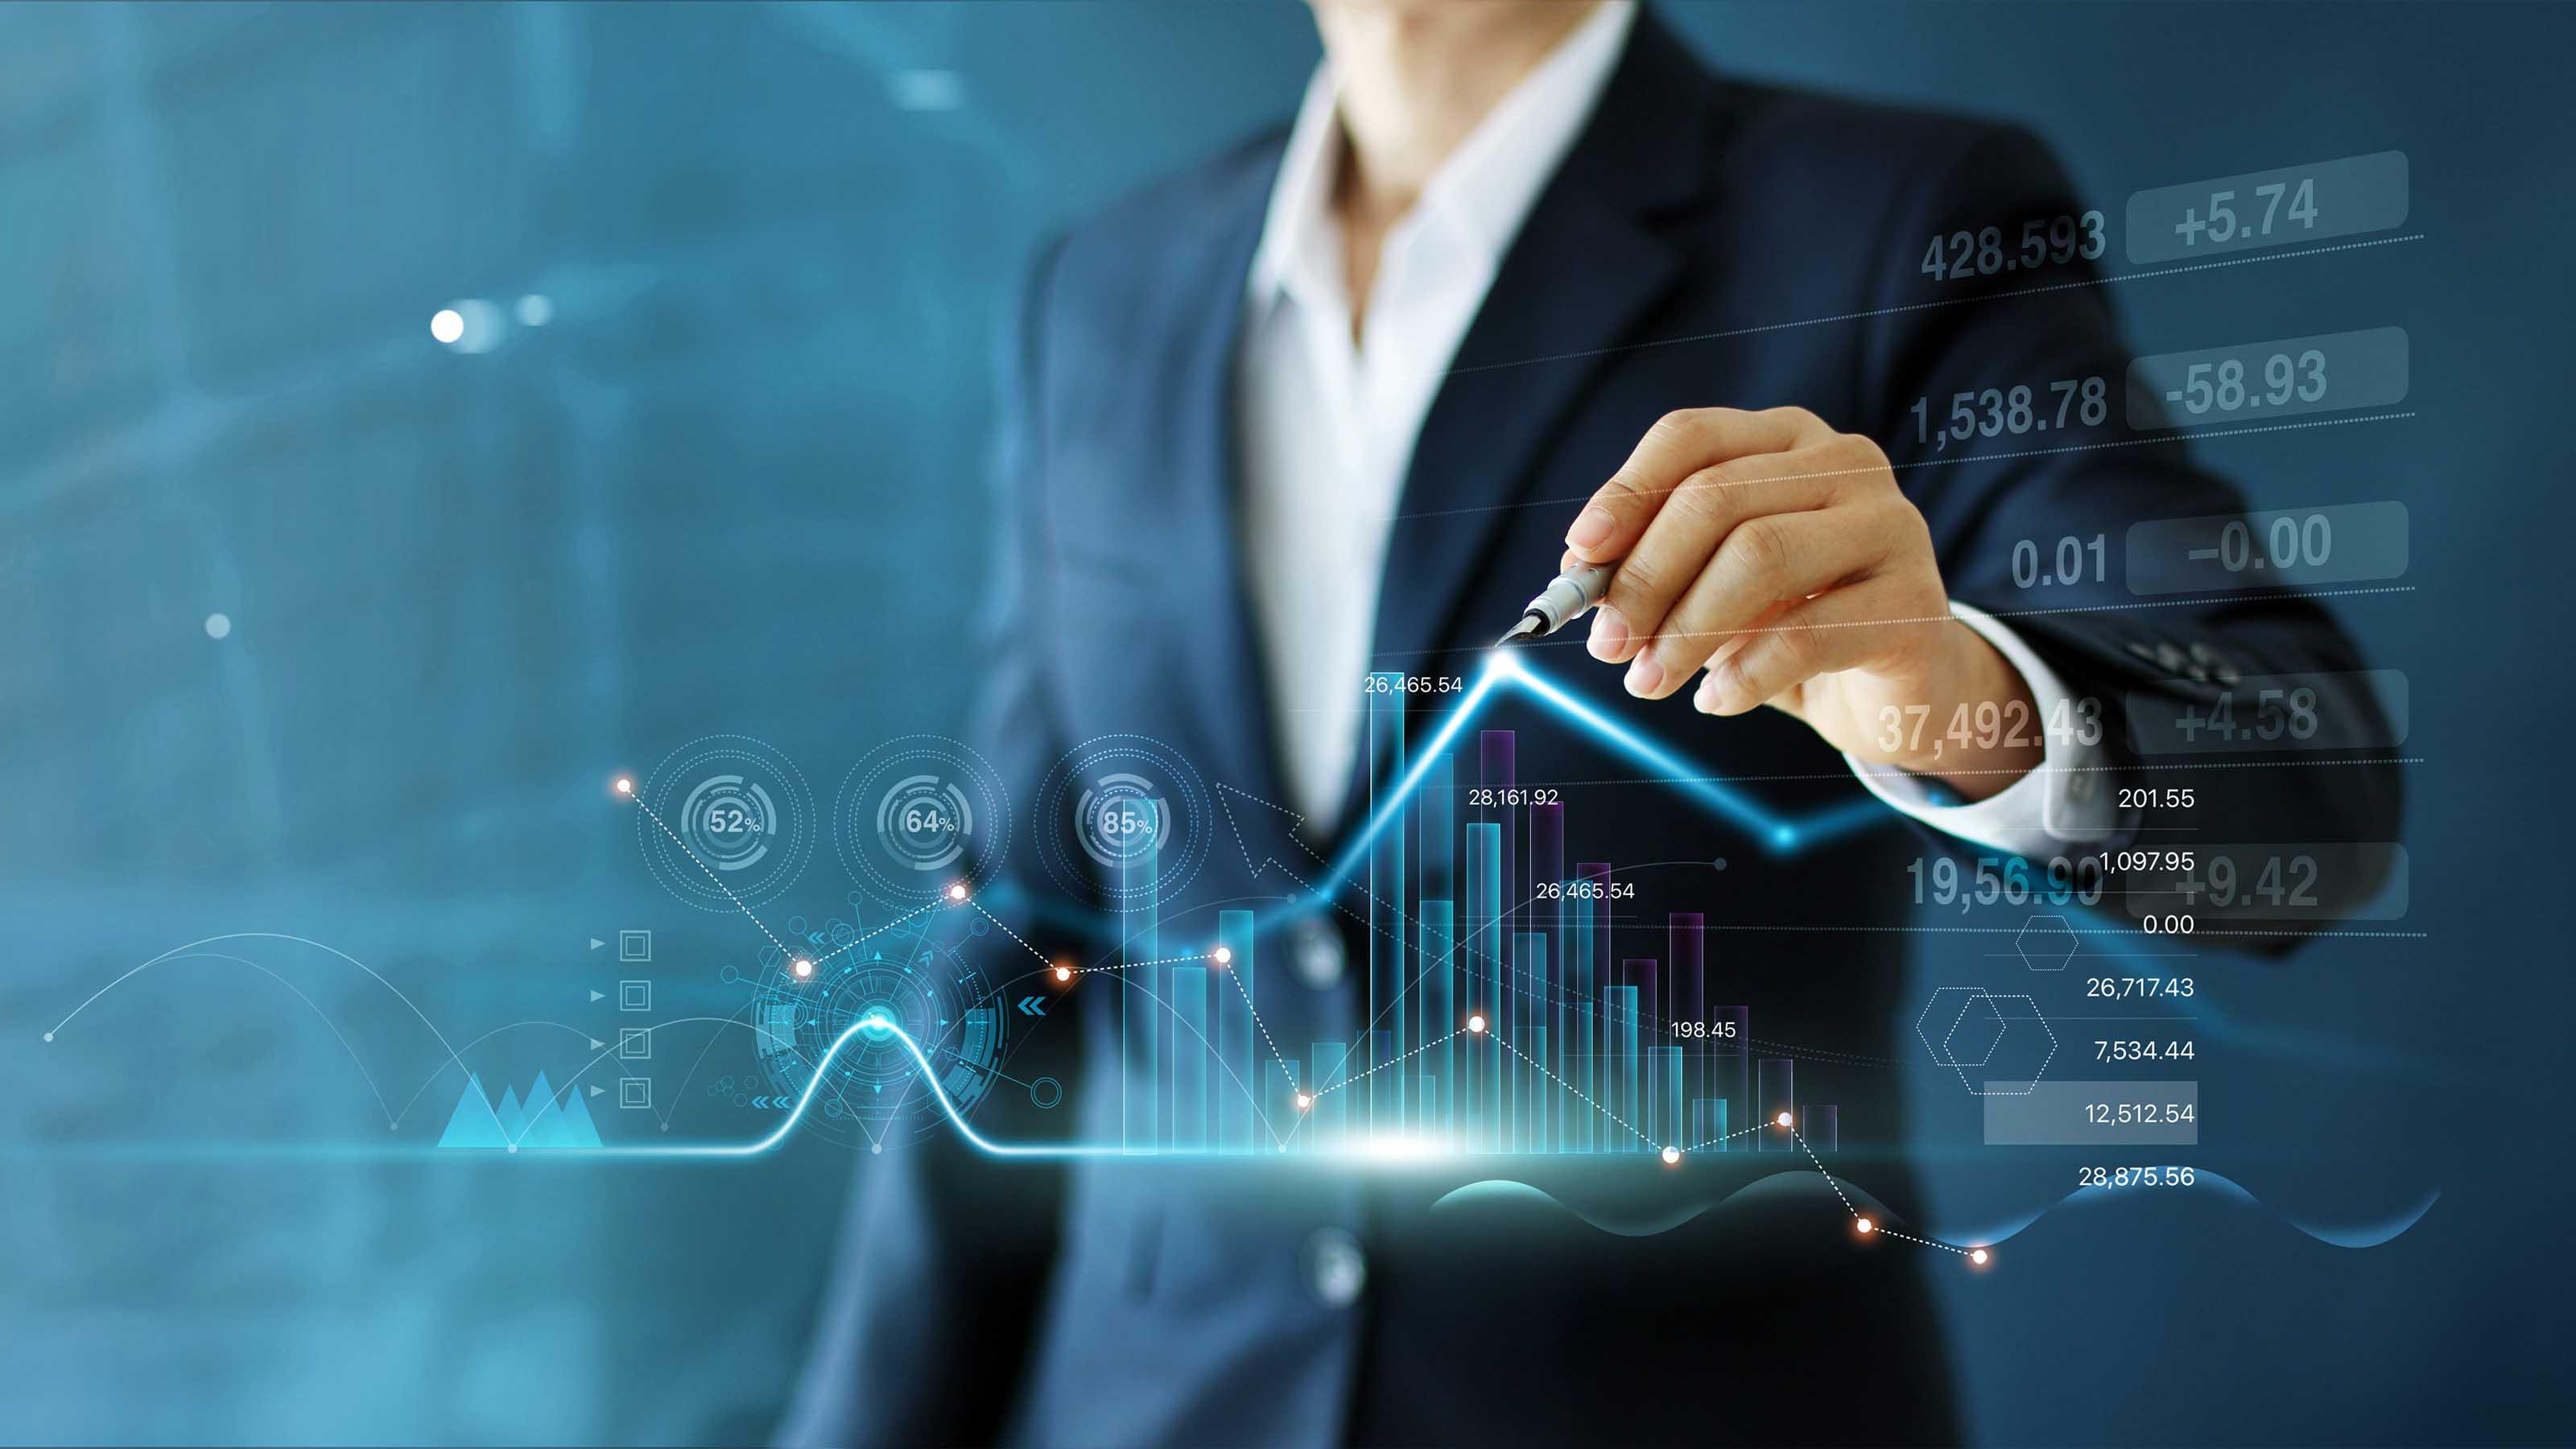 Lệnh ATO, phiên ATO, giá ATO trong chứng khoán là gì?